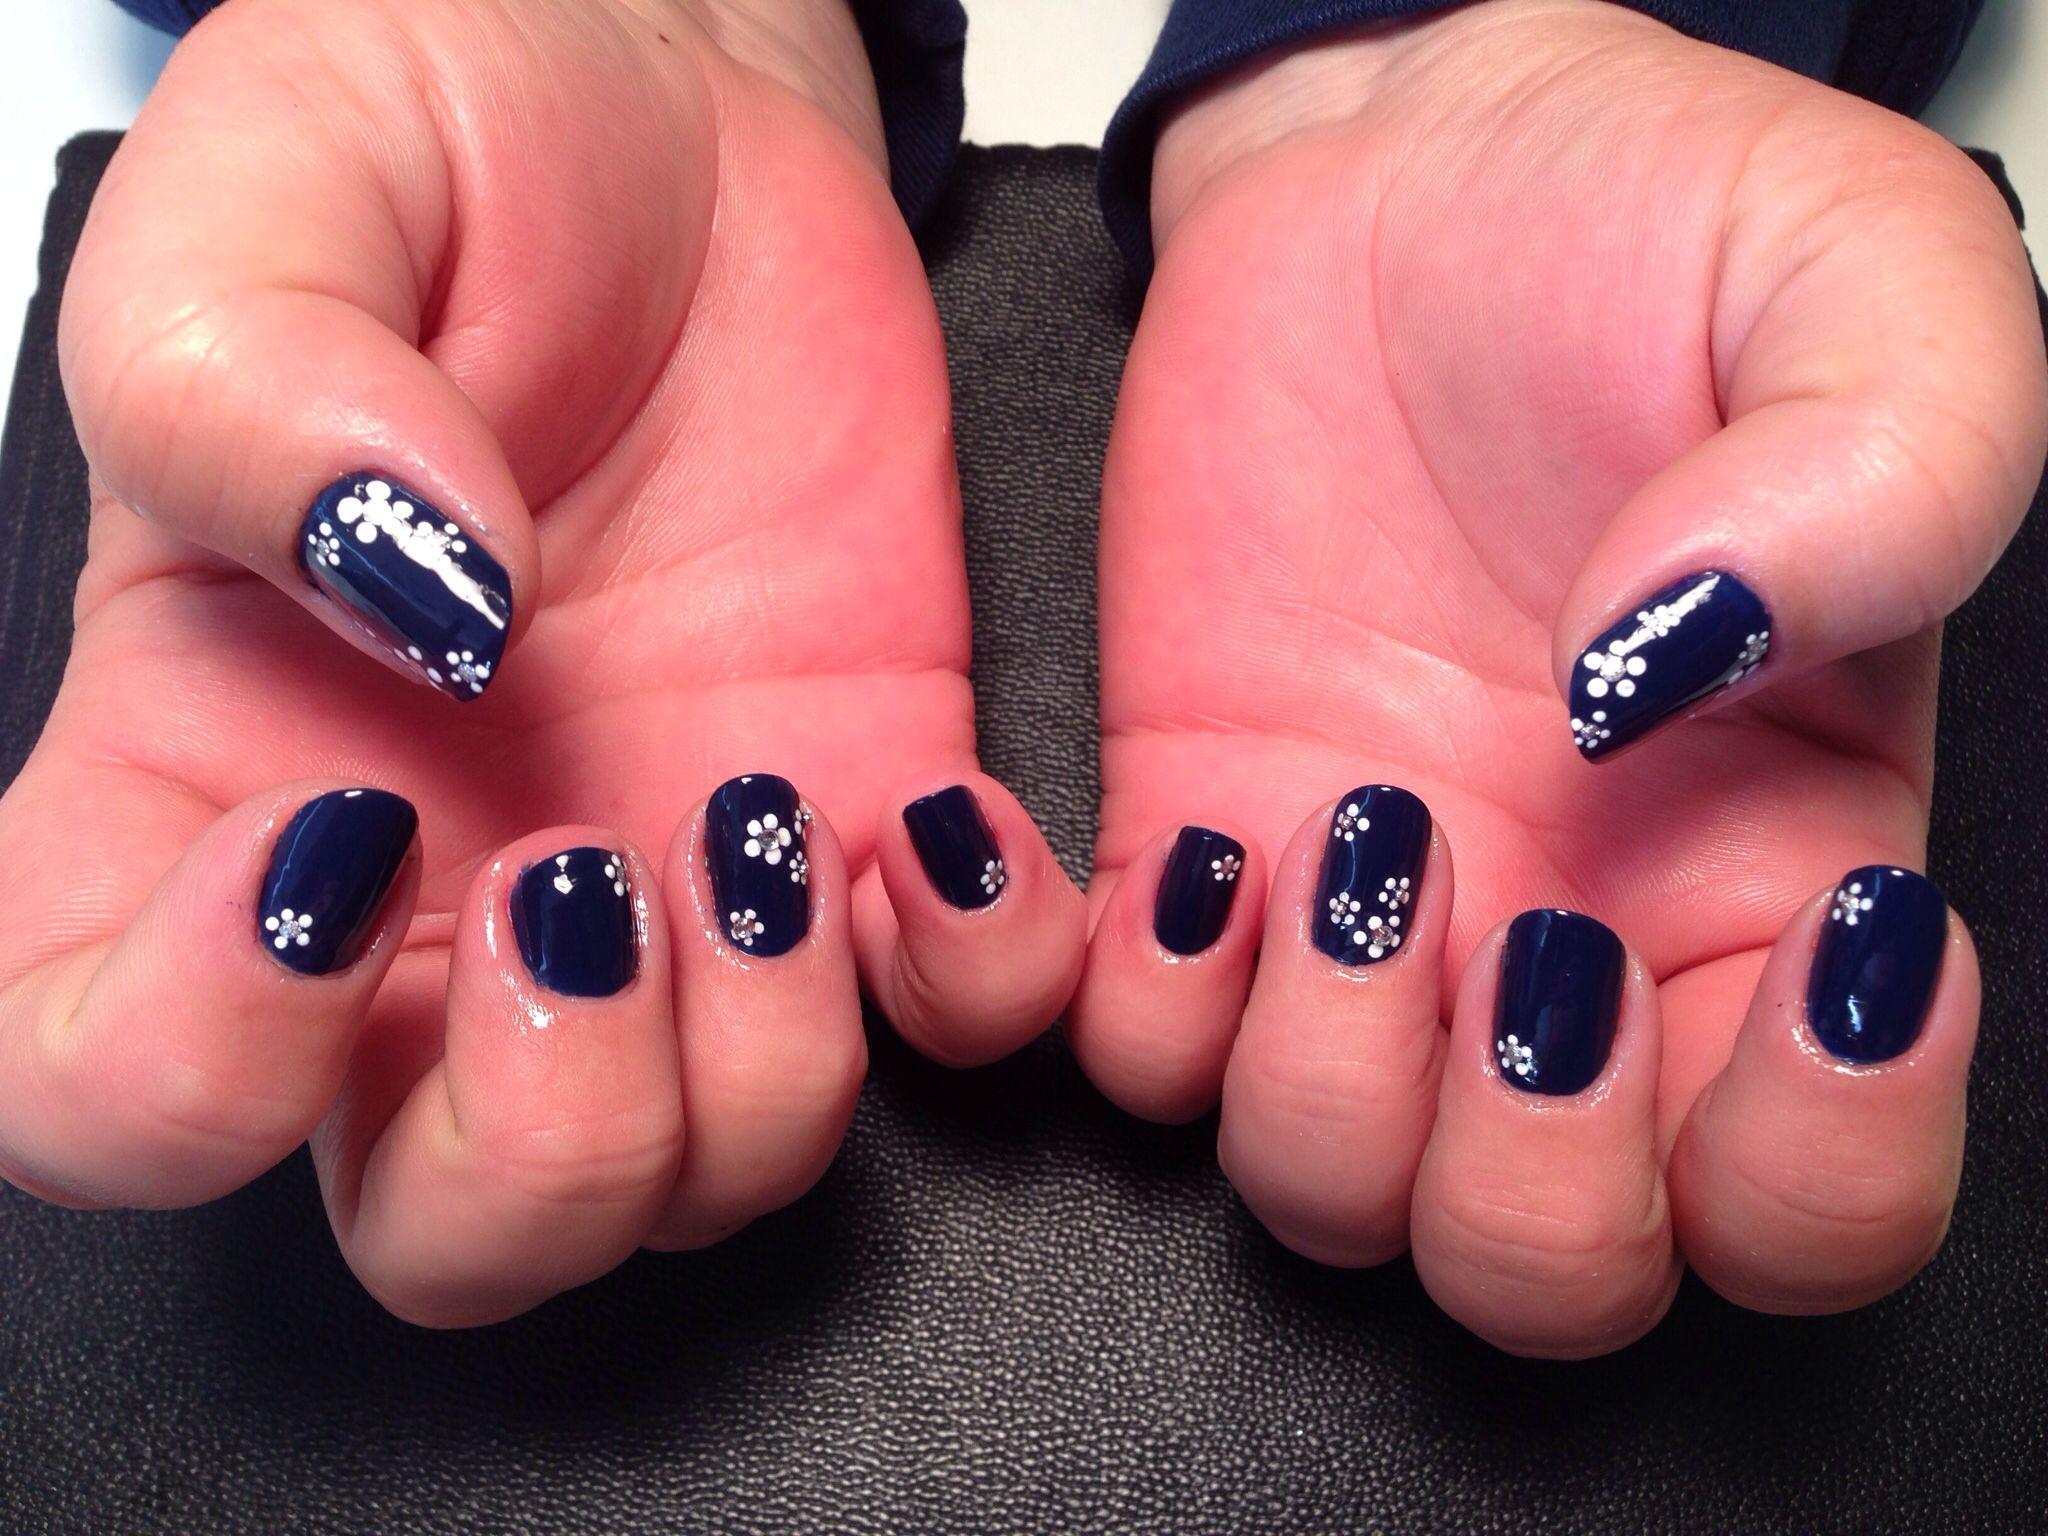 Blue and daisy nail art 2 by tash | My nail art | Pinterest | Daisy ...